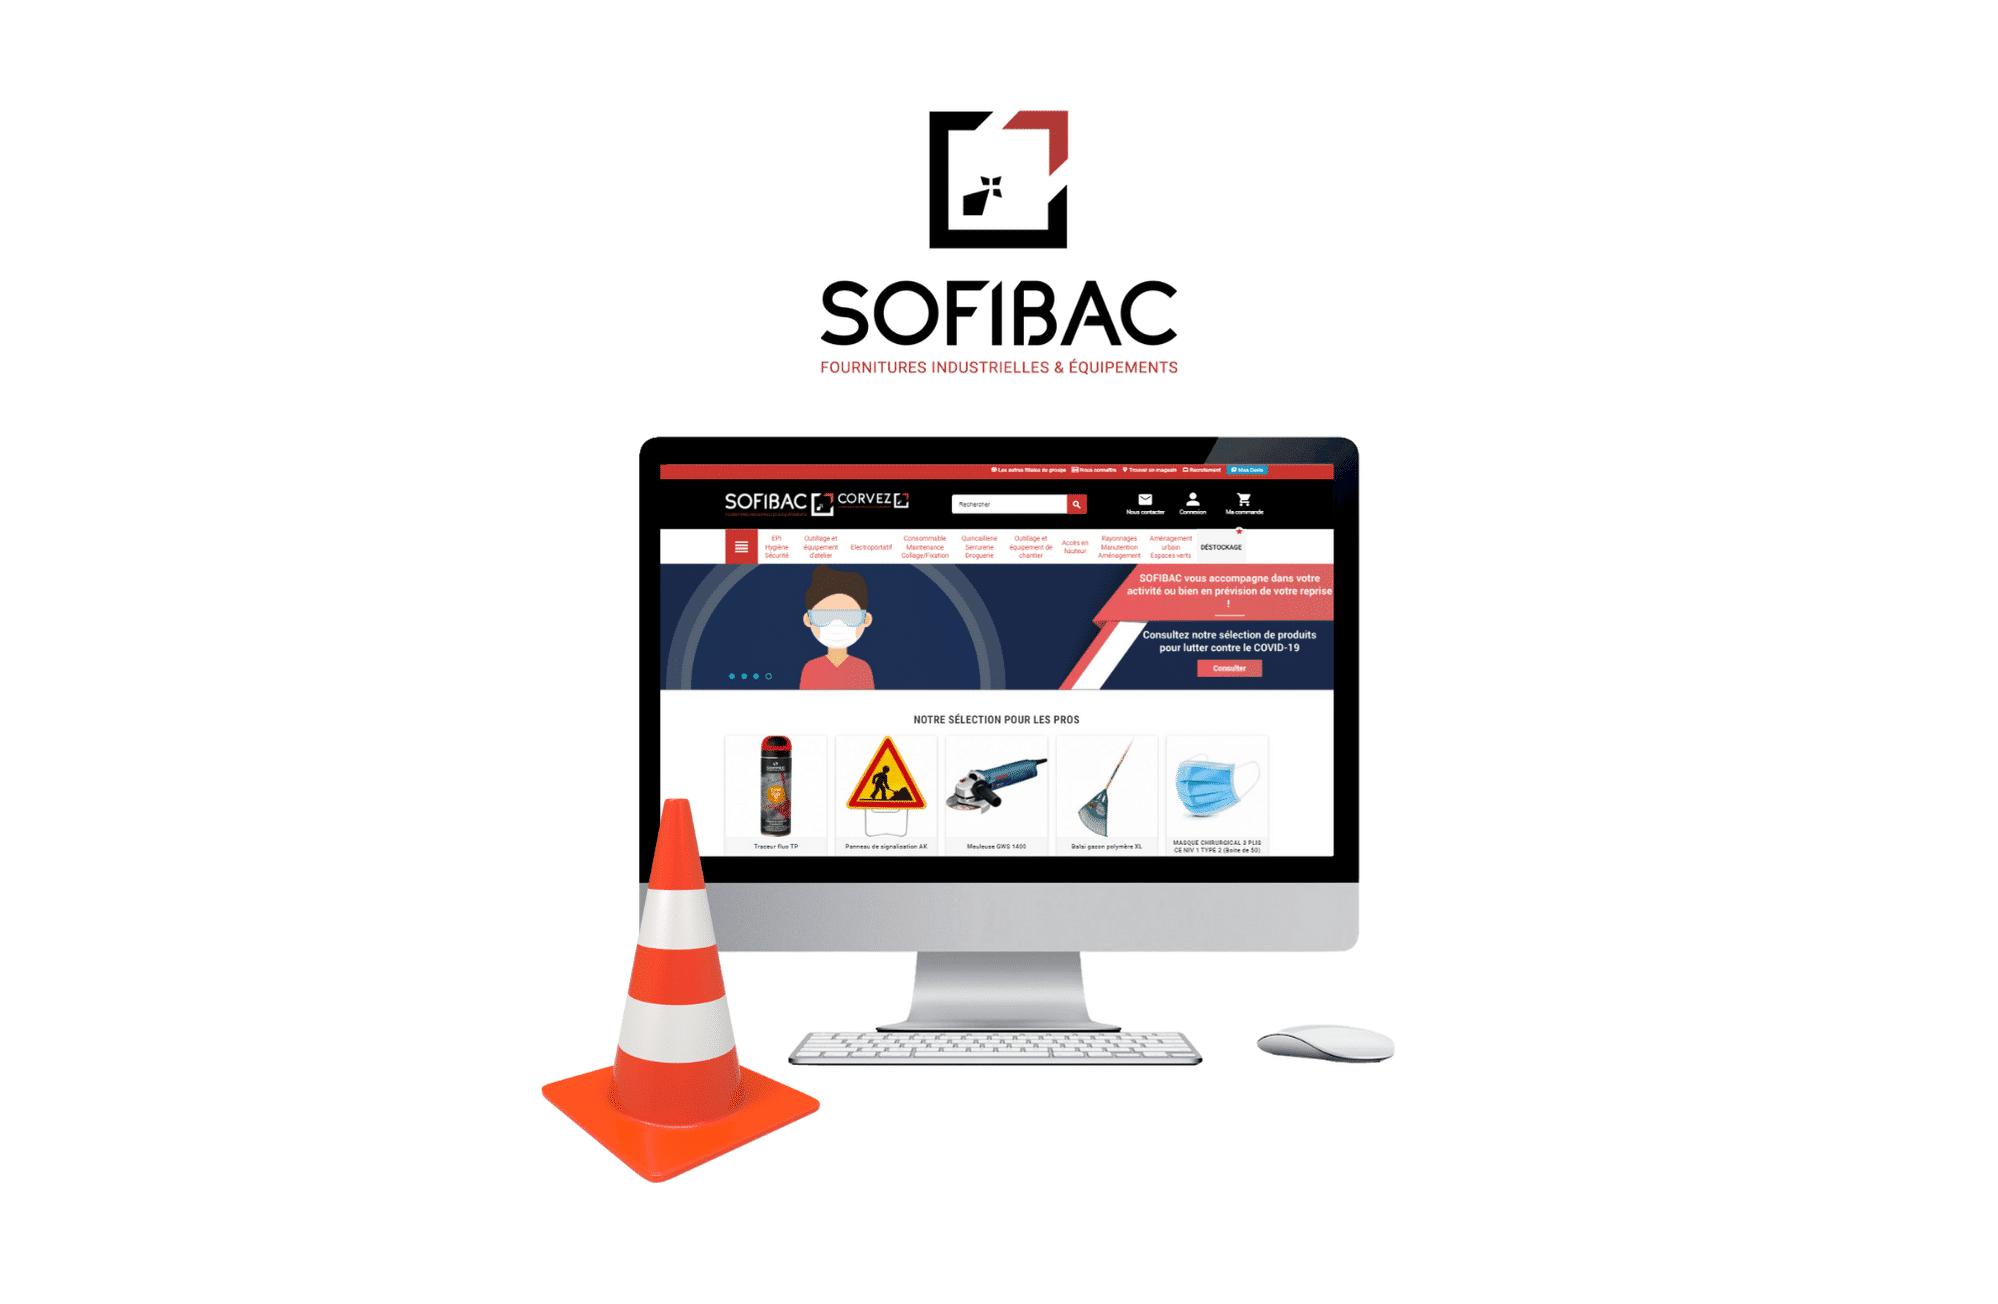 création site internet prestashop Sofibac - cofaq à vannes